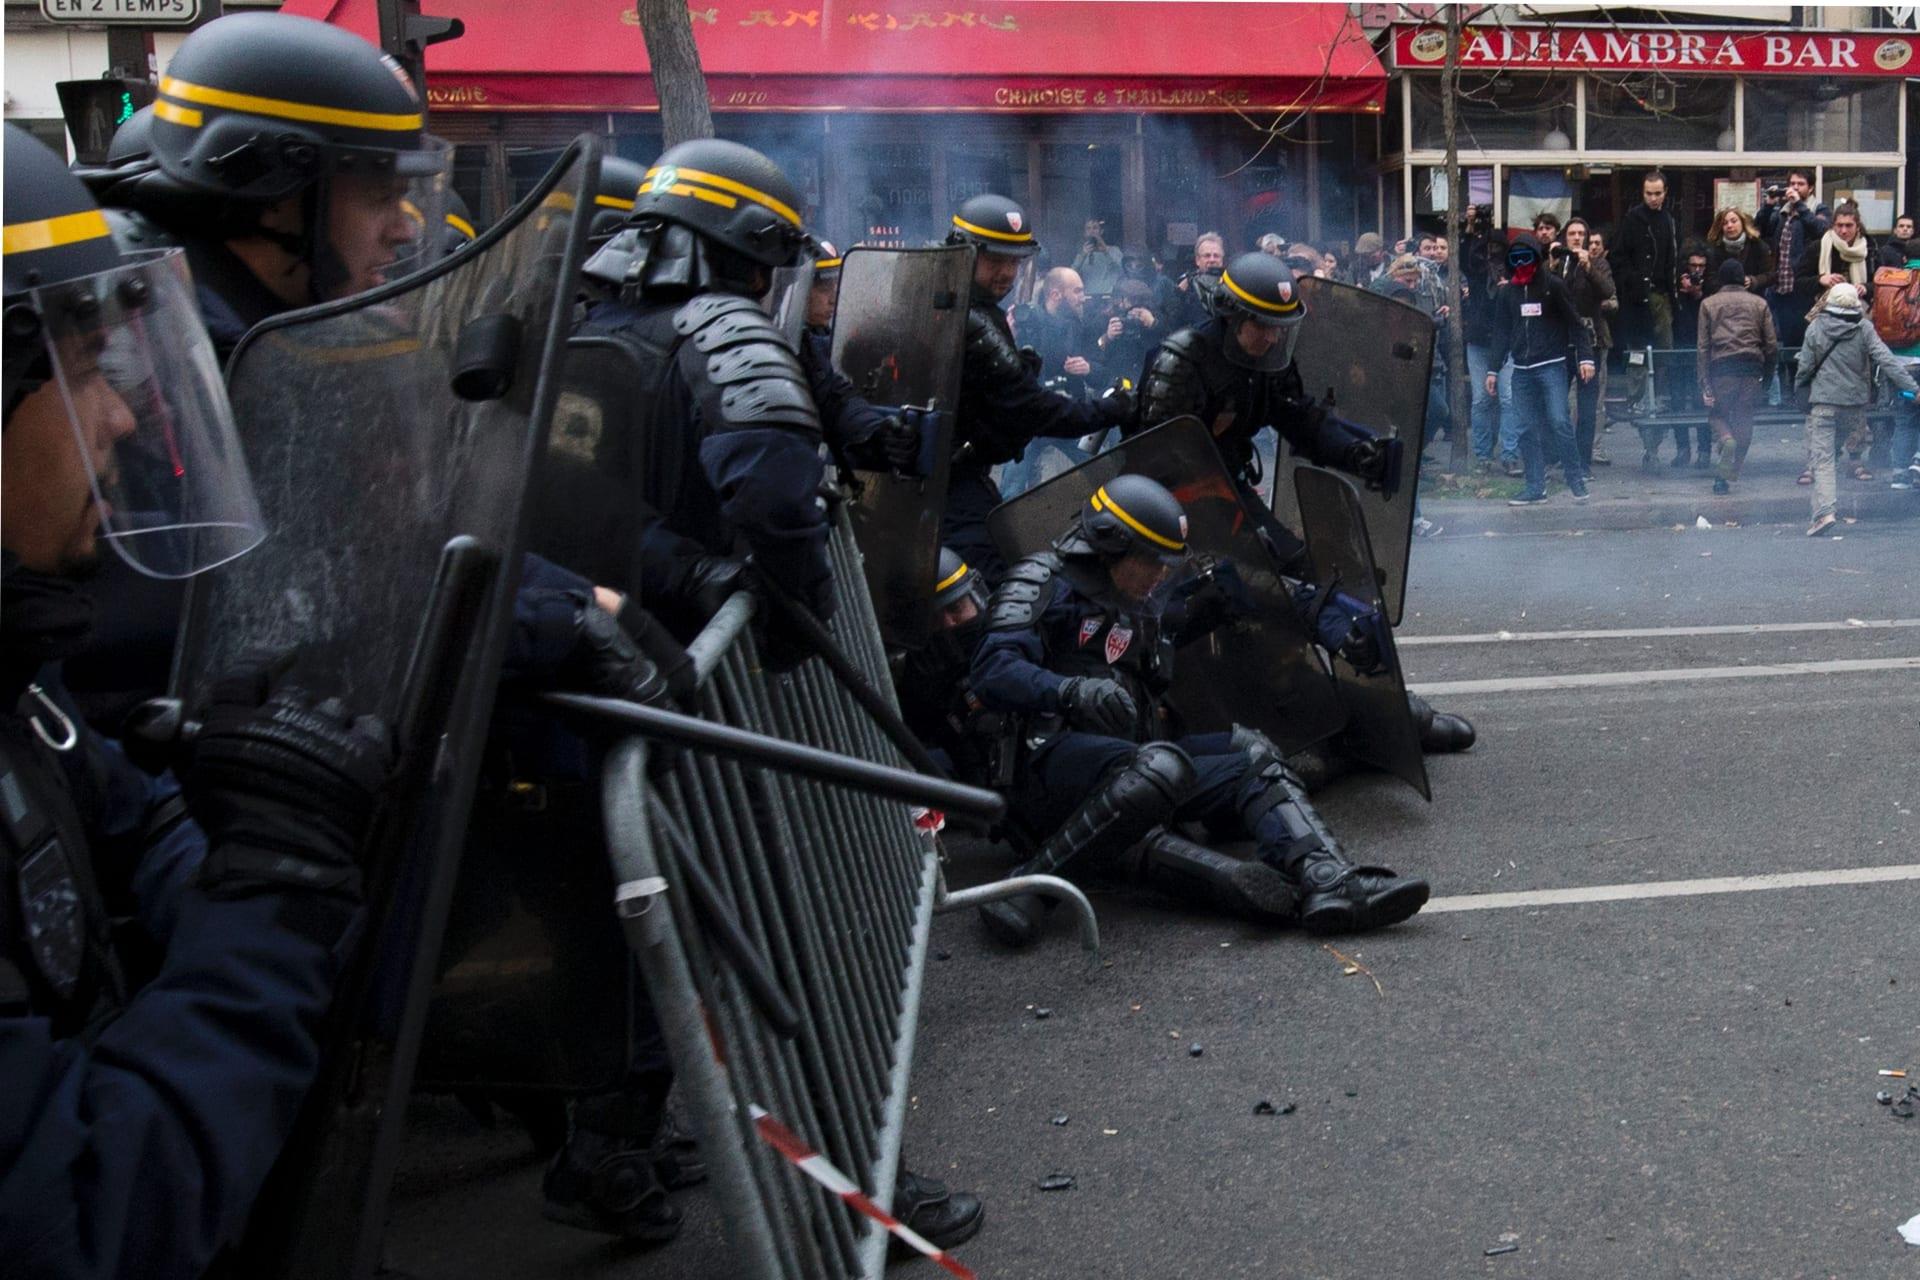 اشتباكات واعتقال العشرات باحتجاجات صاخبة عشية قمة المناخ في باريس